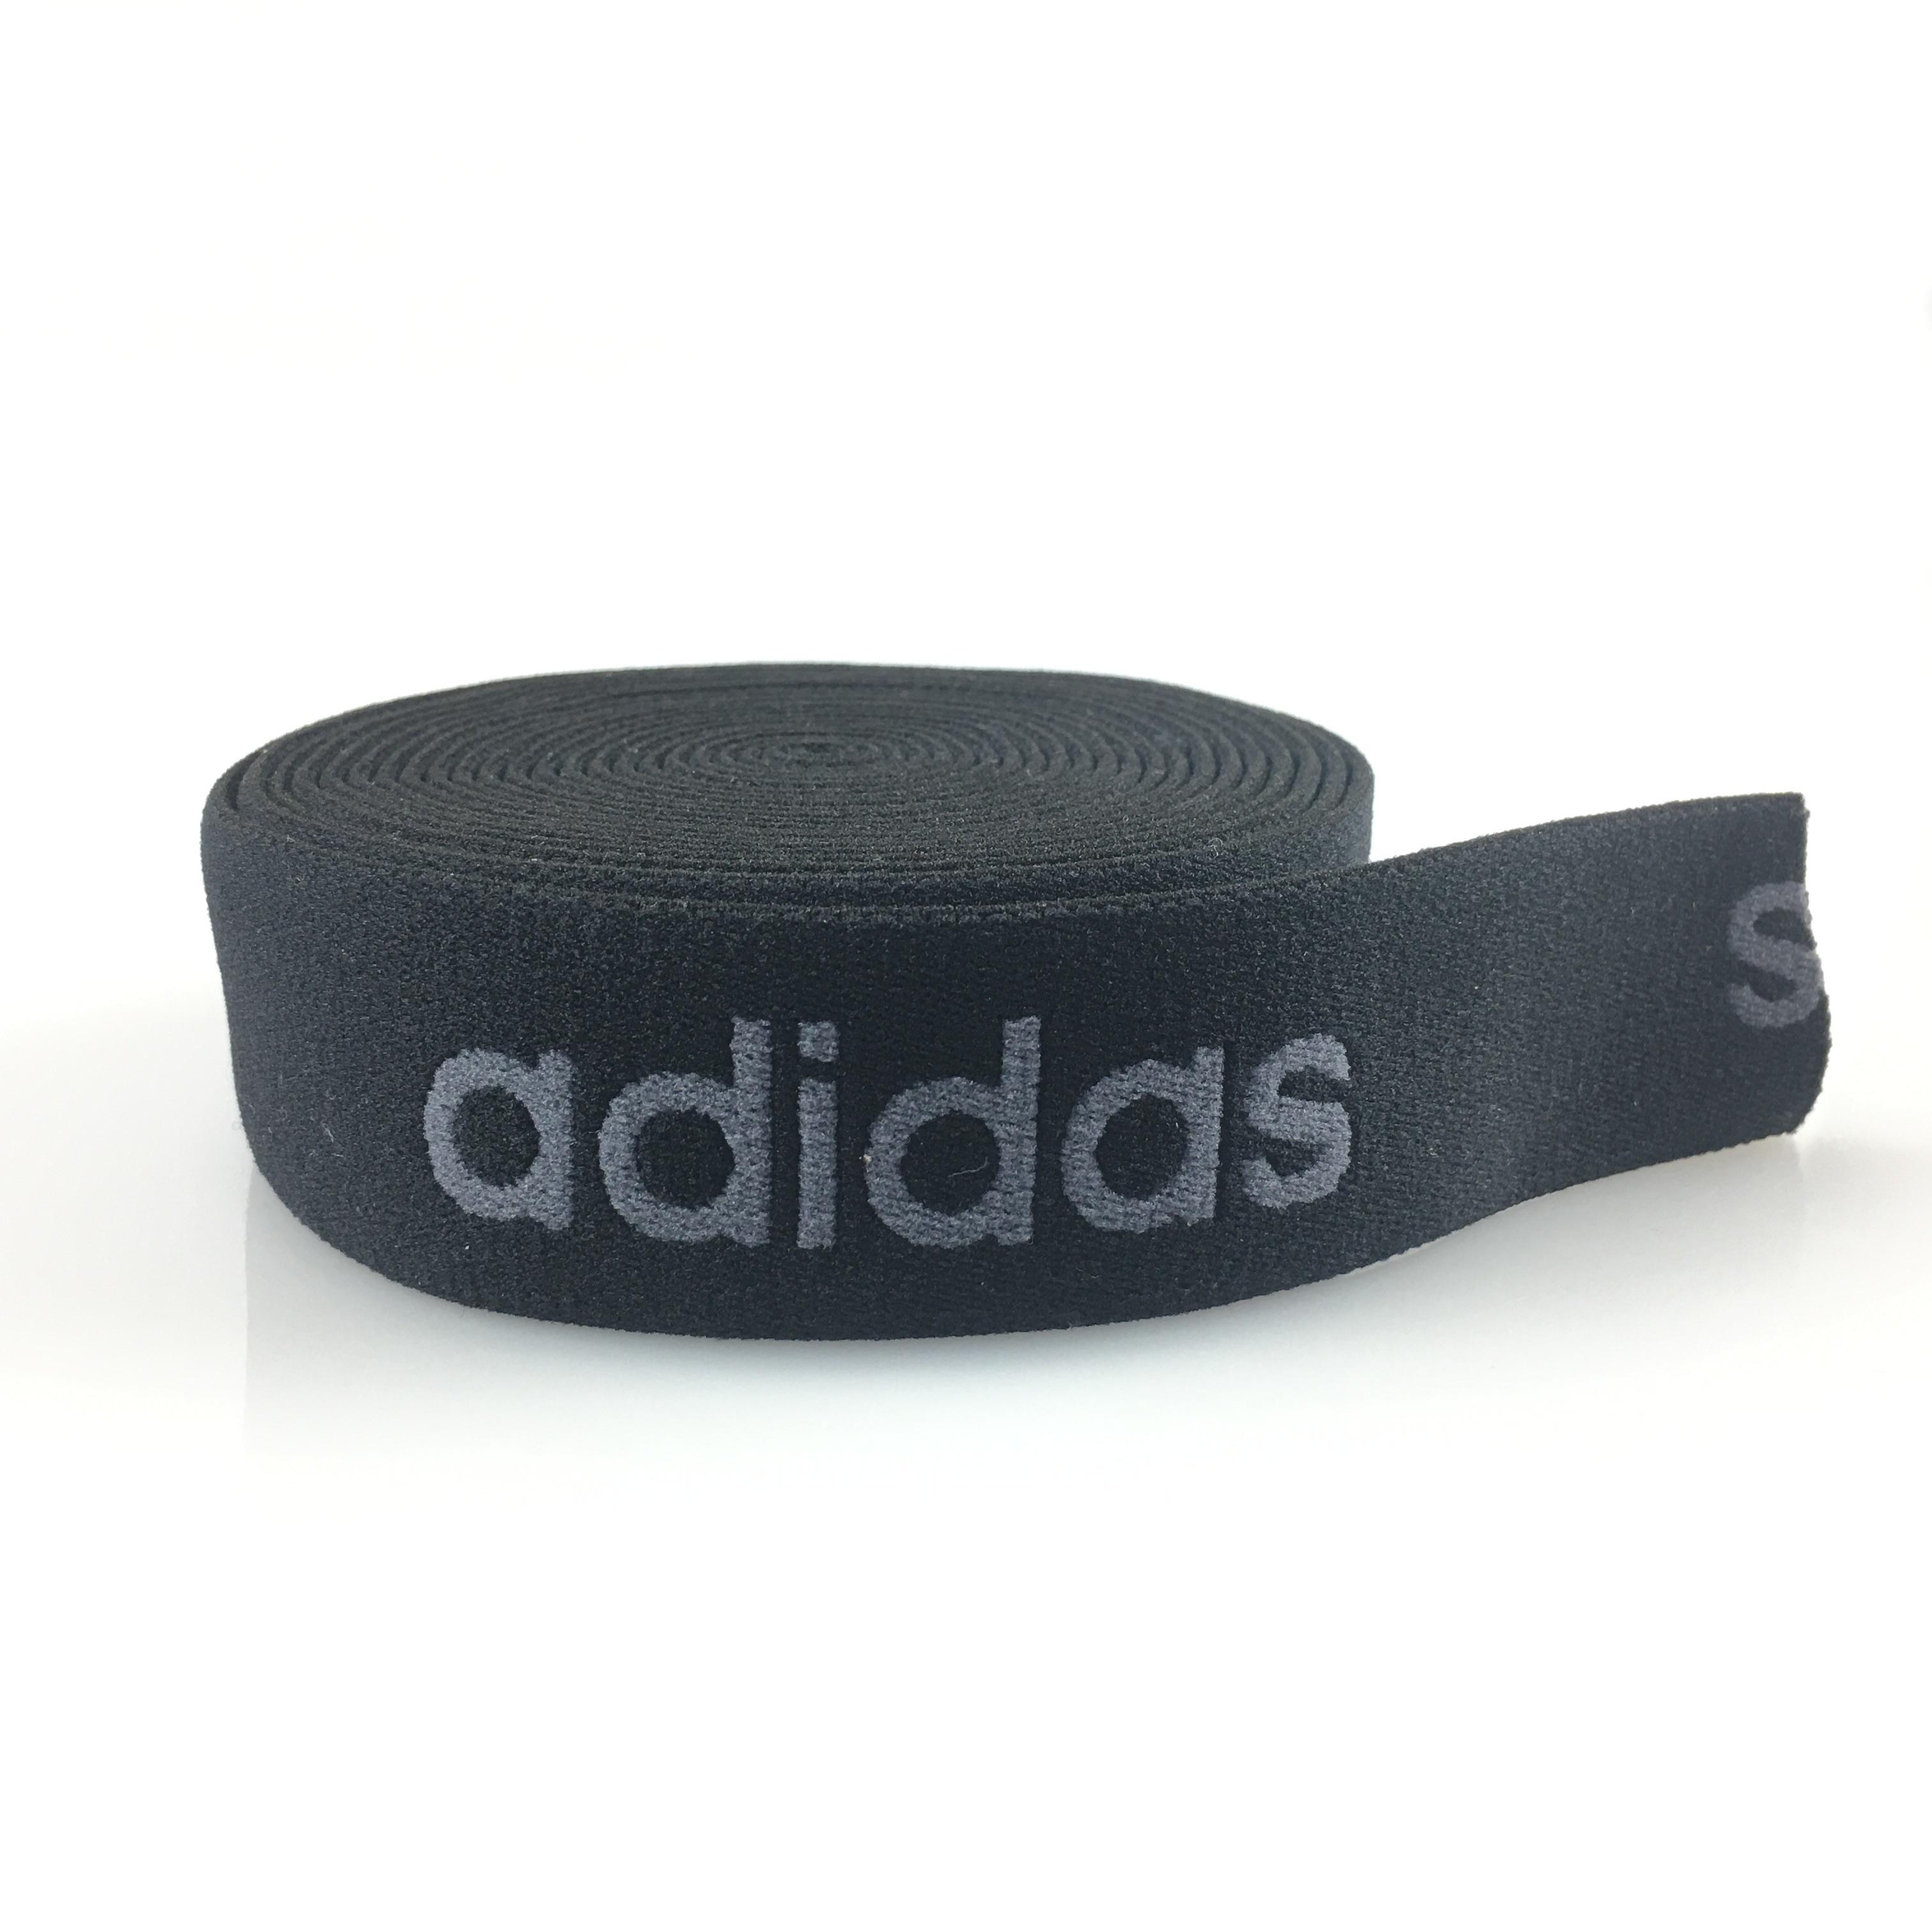 专业定制优质织带 耐高温耐磨 黑色阿迪织带